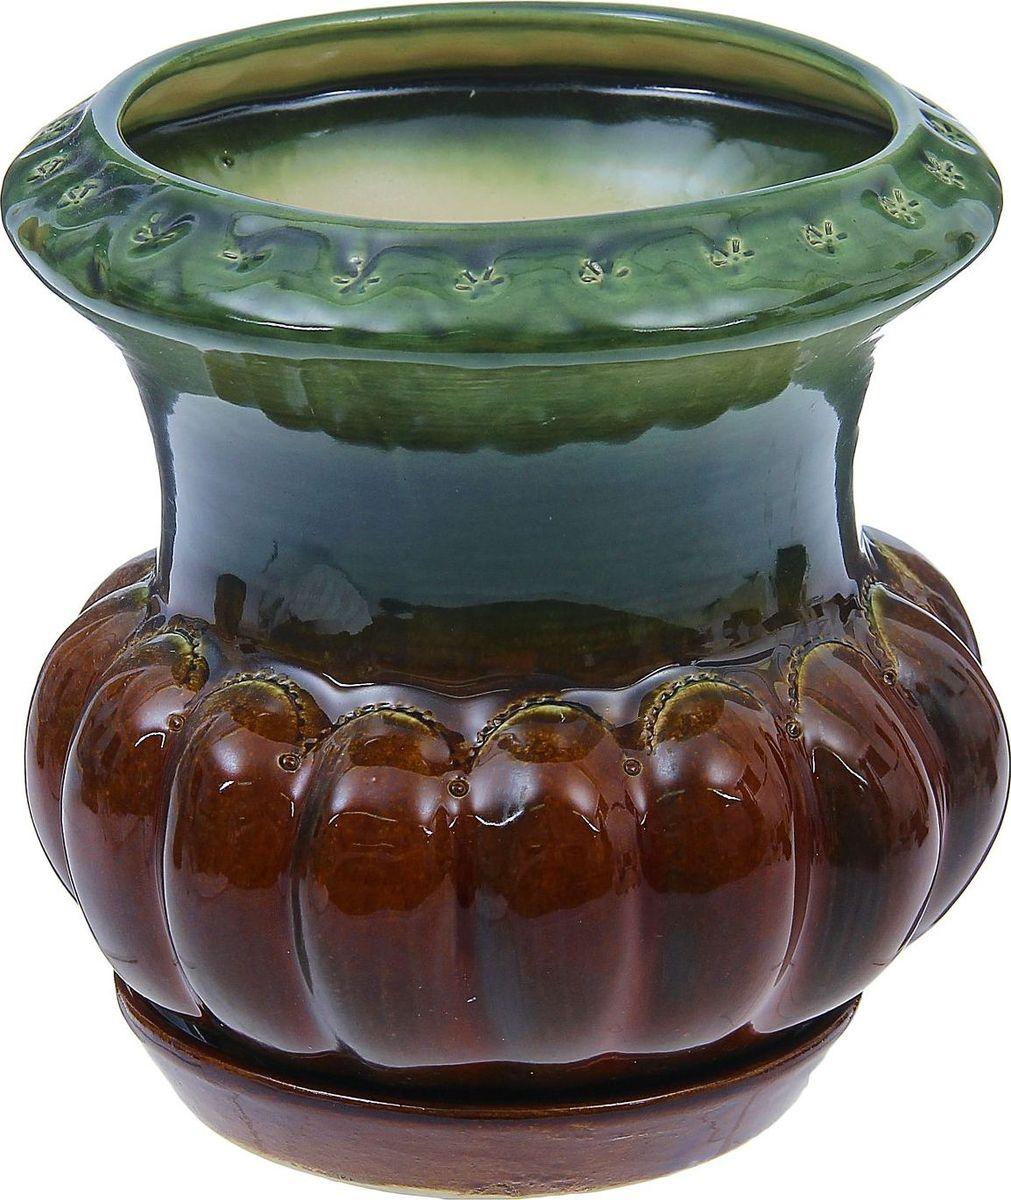 Кашпо Июнь, 1,5 л1319650Комнатные растения — всеобщие любимцы. Они радуют глаз, насыщают помещение кислородом и украшают пространство. Каждому из них необходим свой удобный и красивый дом. Кашпо из керамики прекрасно подходят для высадки растений: за счёт пластичности глины и разных способов обработки существует великое множество форм и дизайновпористый материал позволяет испаряться лишней влагевоздух, необходимый для дыхания корней, проникает сквозь керамические стенки! #name# позаботится о зелёном питомце, освежит интерьер и подчеркнёт его стиль.